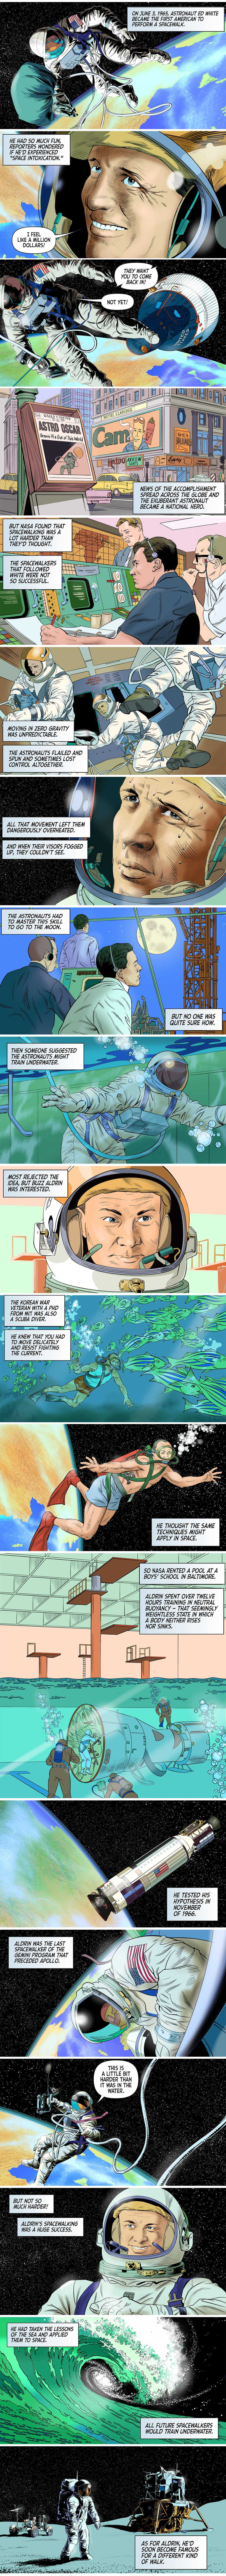 CTM Spacewalker DRAFT.png